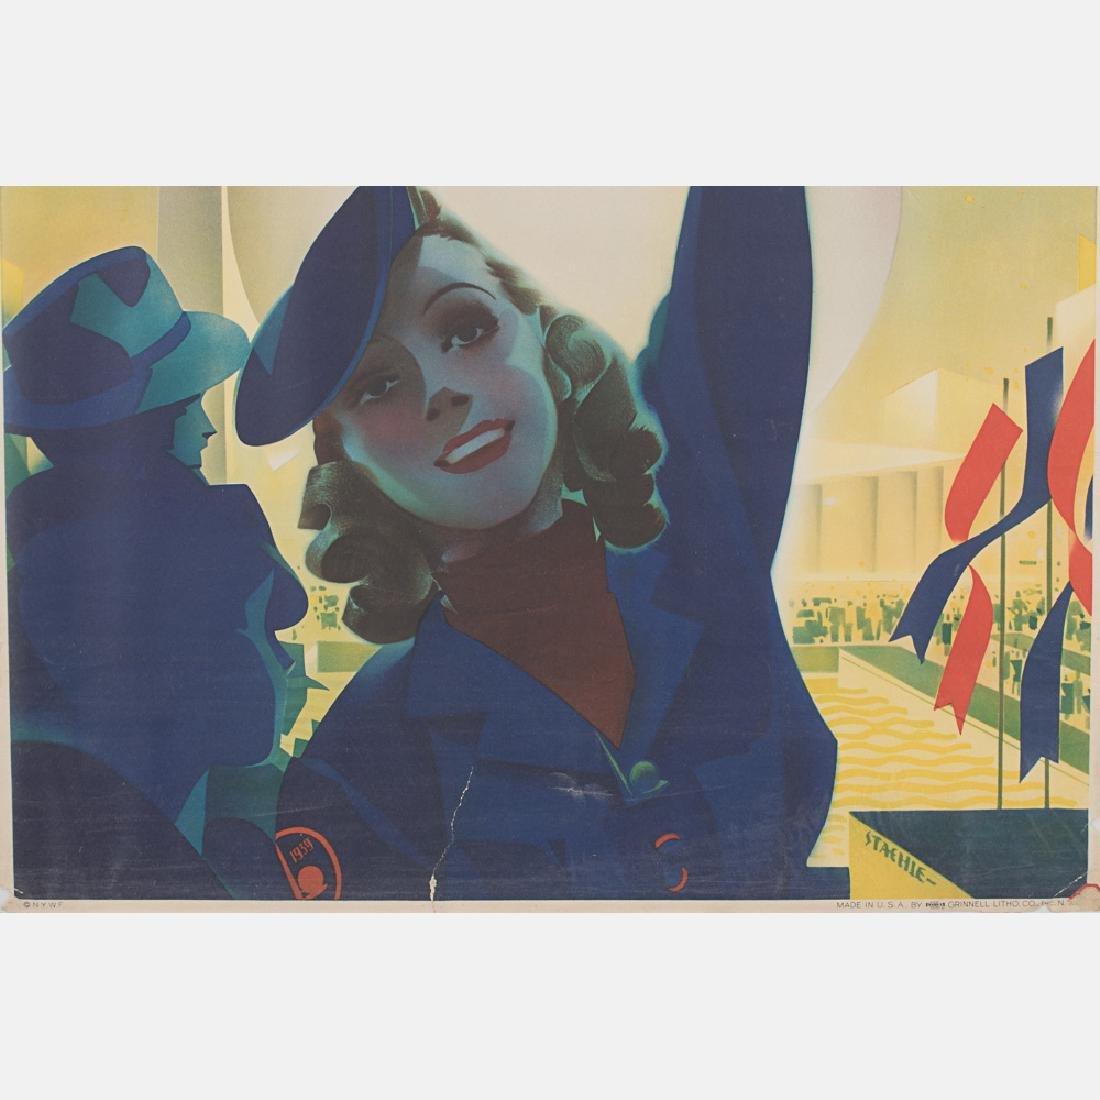 Albert Staehle (1899-1974) New York World's Fair, 1939, - 3